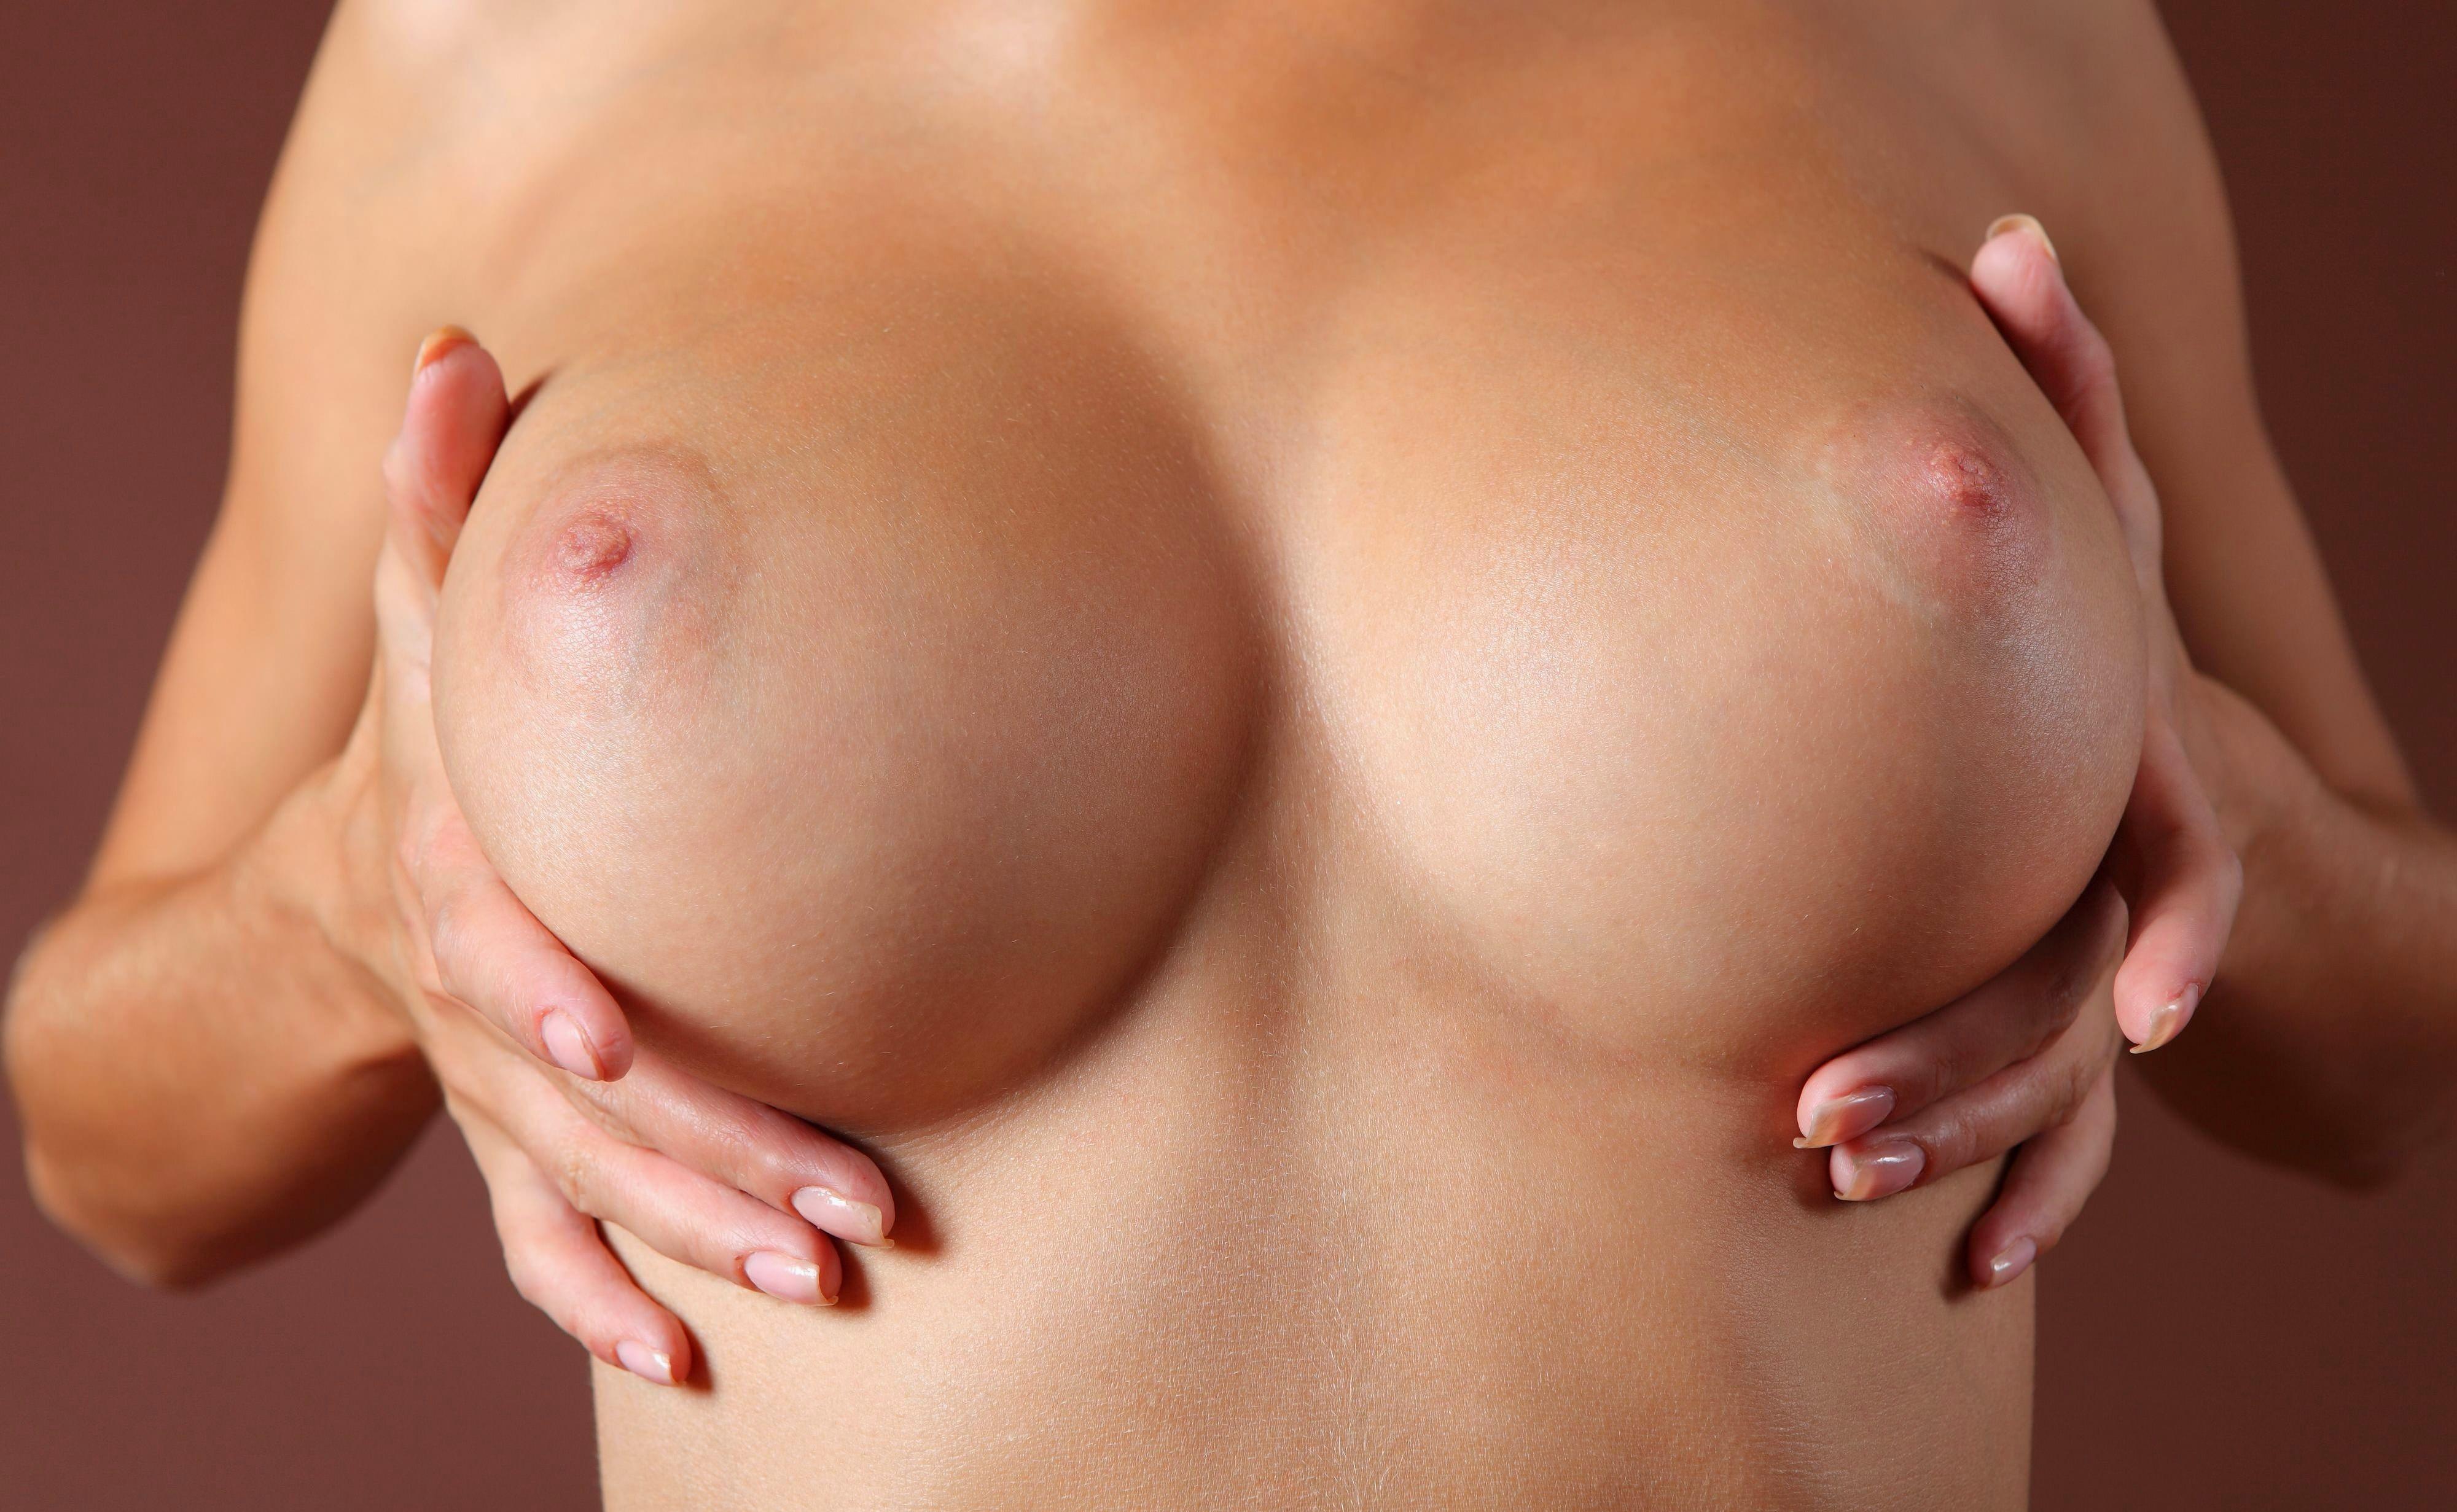 Small Breast Nude